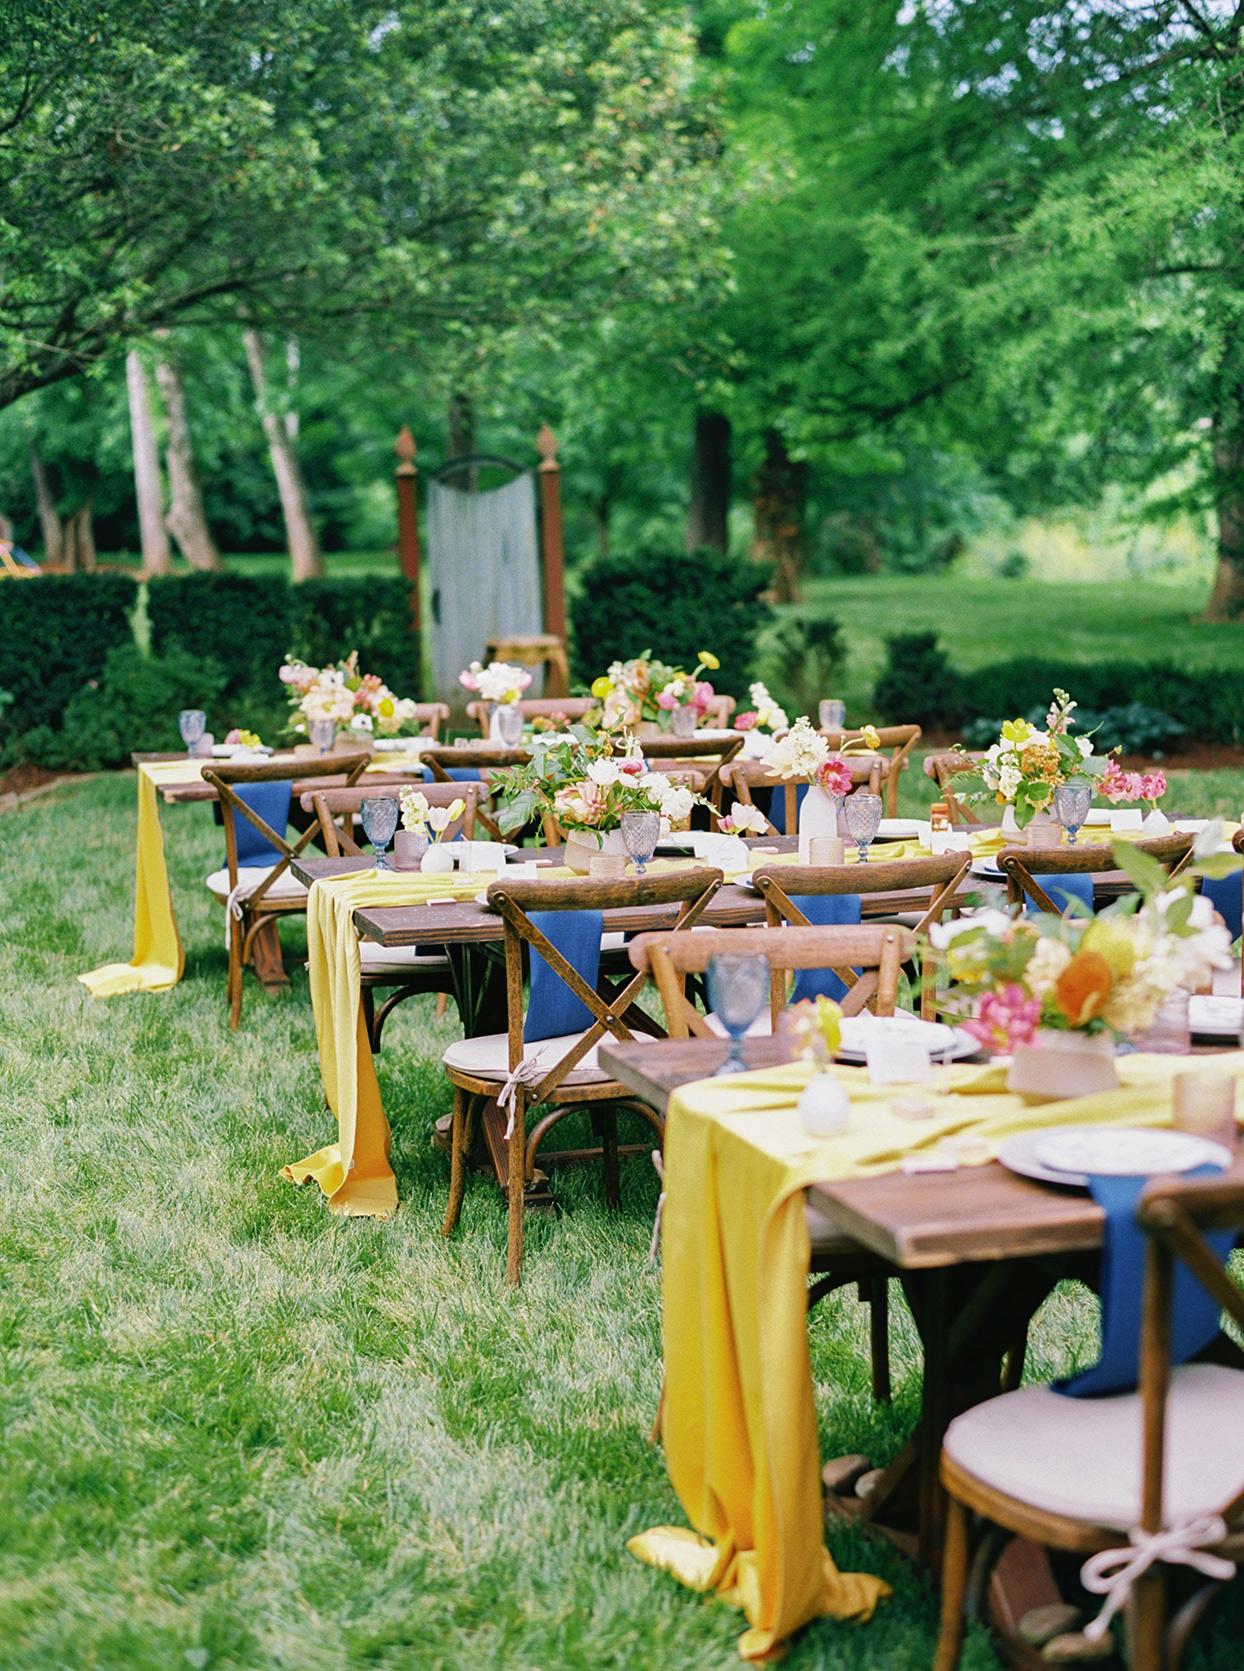 ashley scott rustic wedding reception tables on lawn